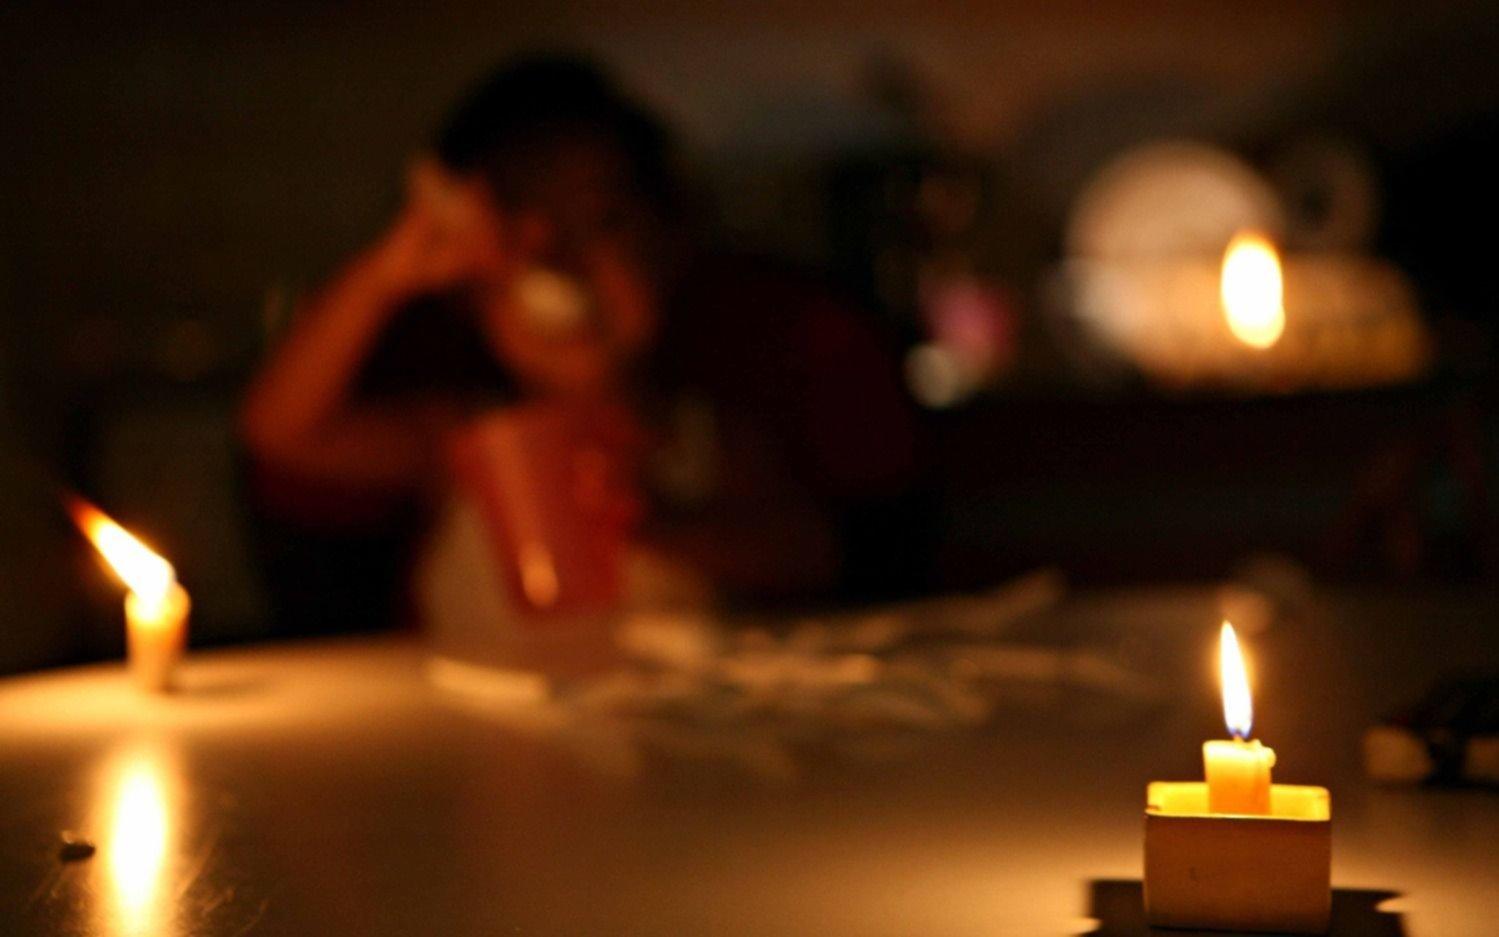 Por la tormenta, los cortes de luz tuvieron a maltraer a los vecinos en distintos barrios